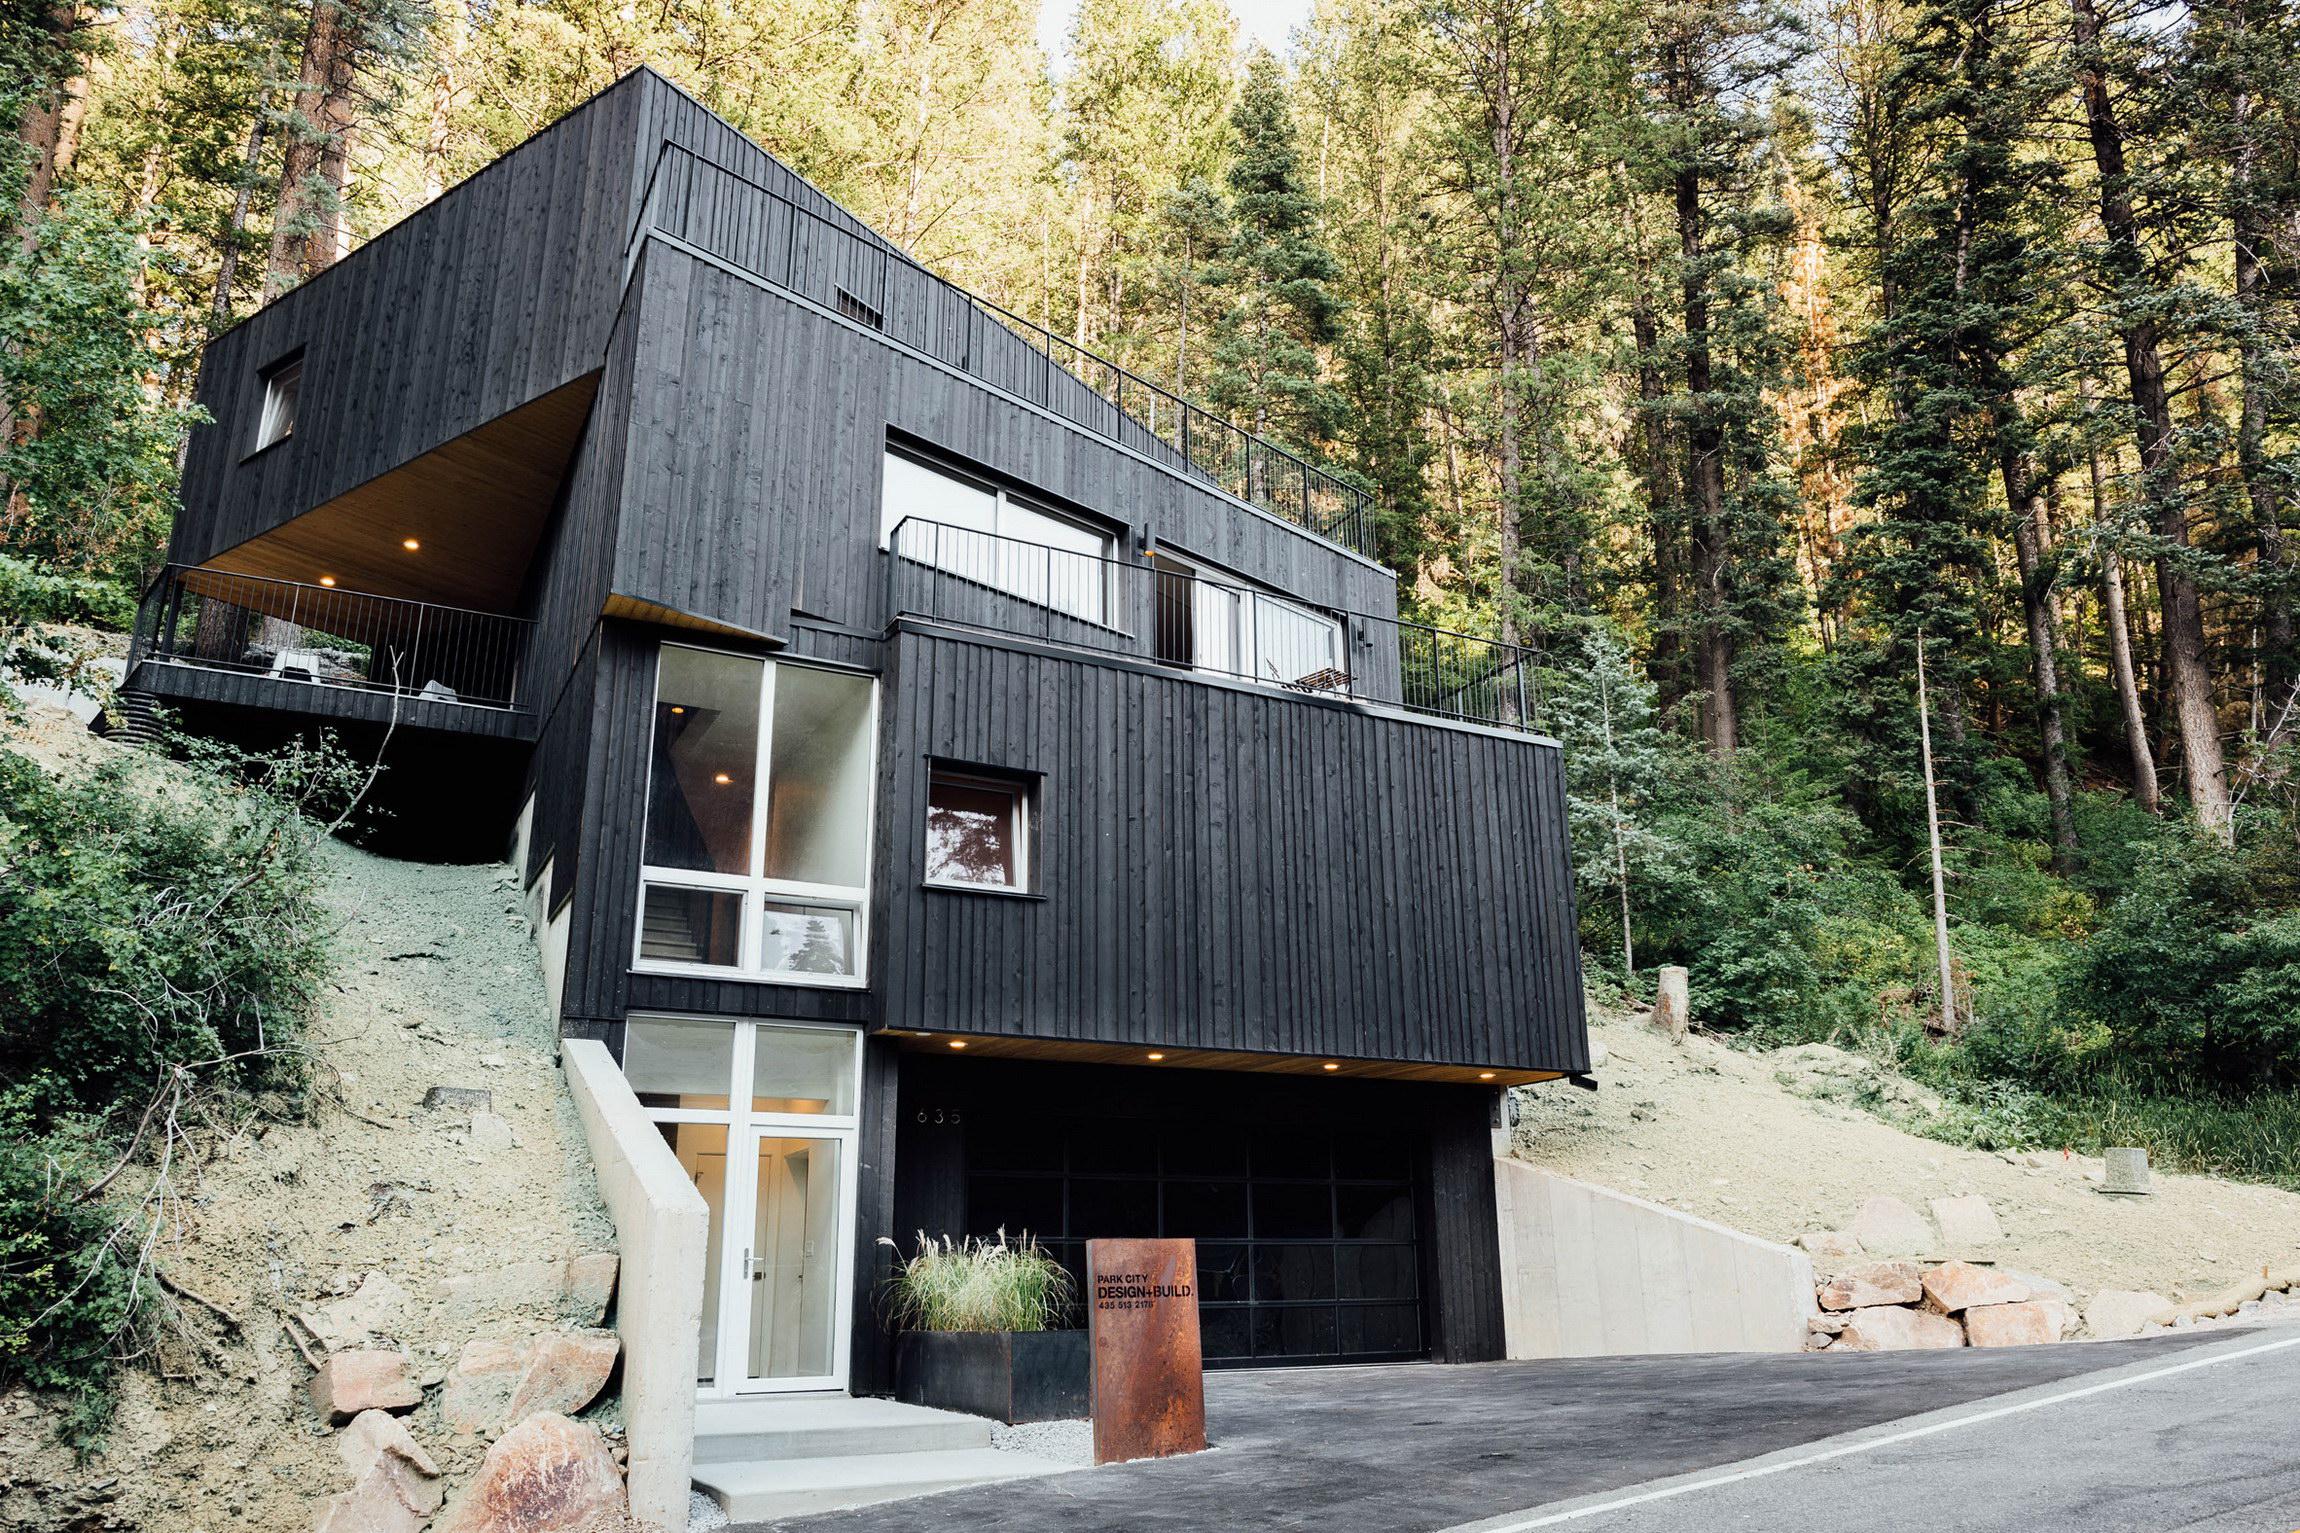 Black Treehaus by Park City Design+Build